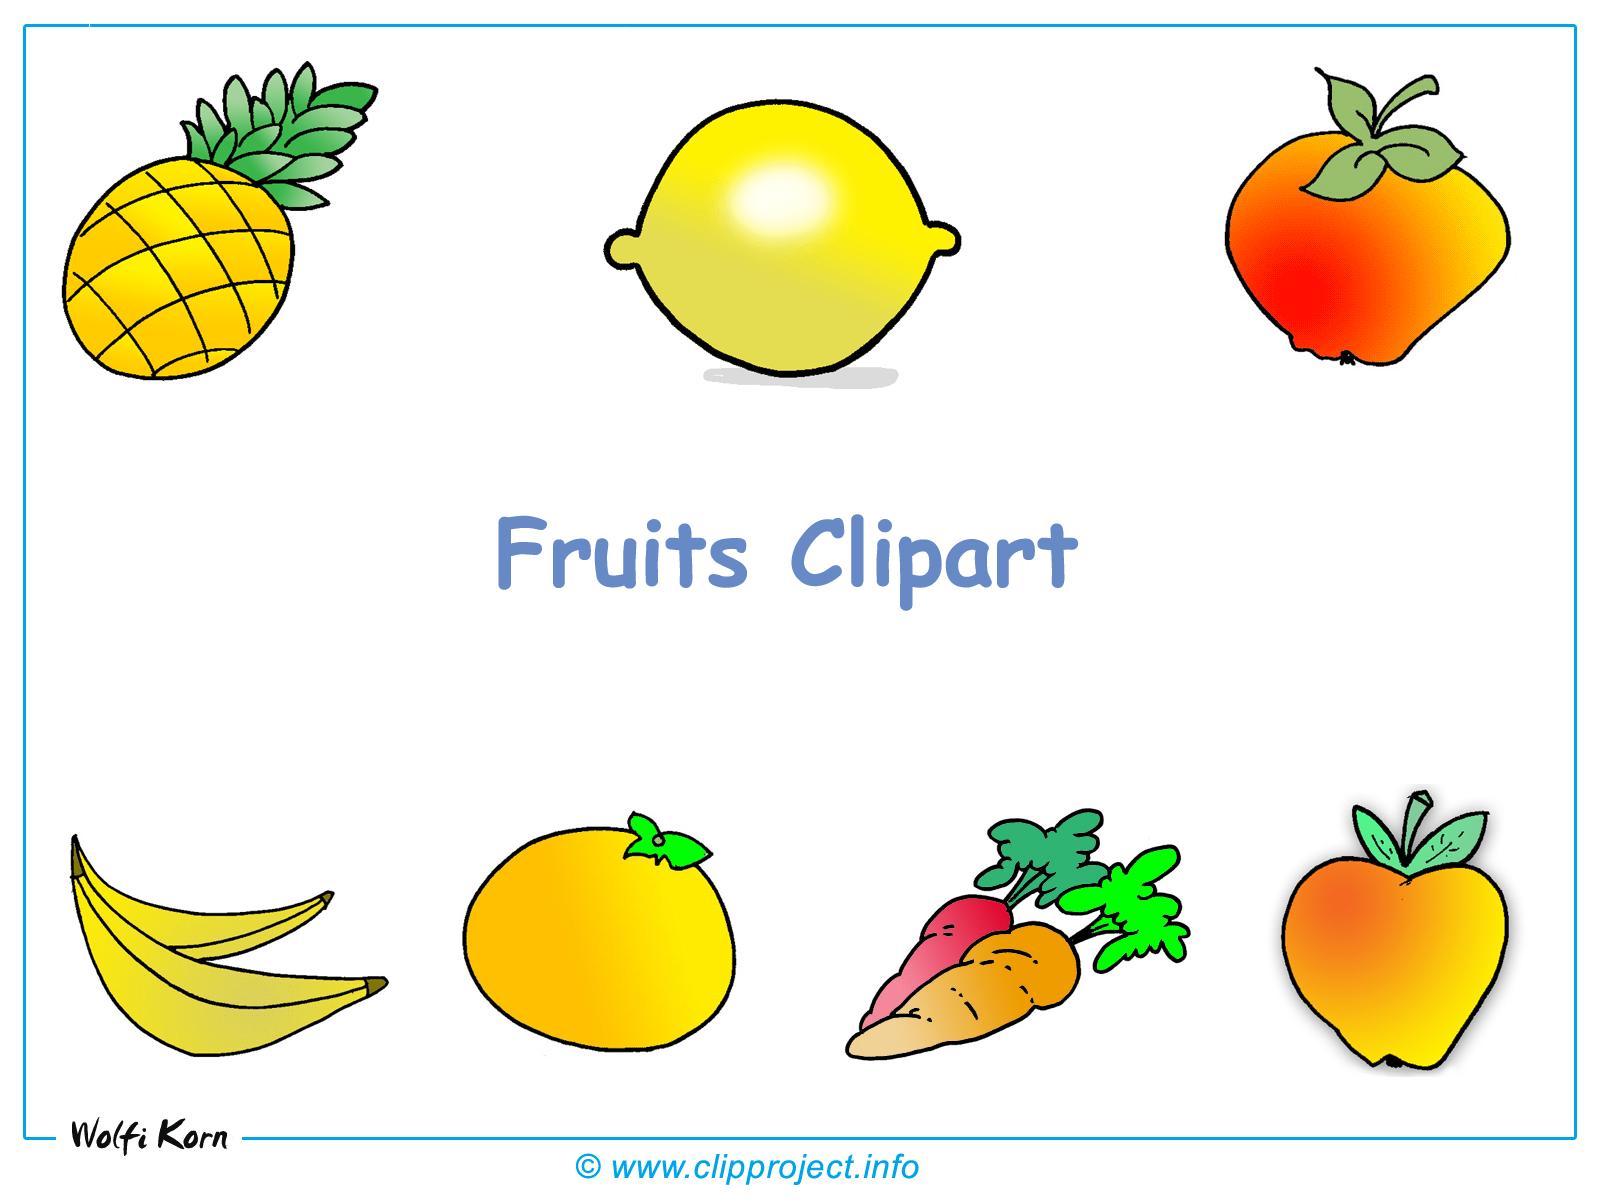 clipart fruits et légumes gratuit - photo #6